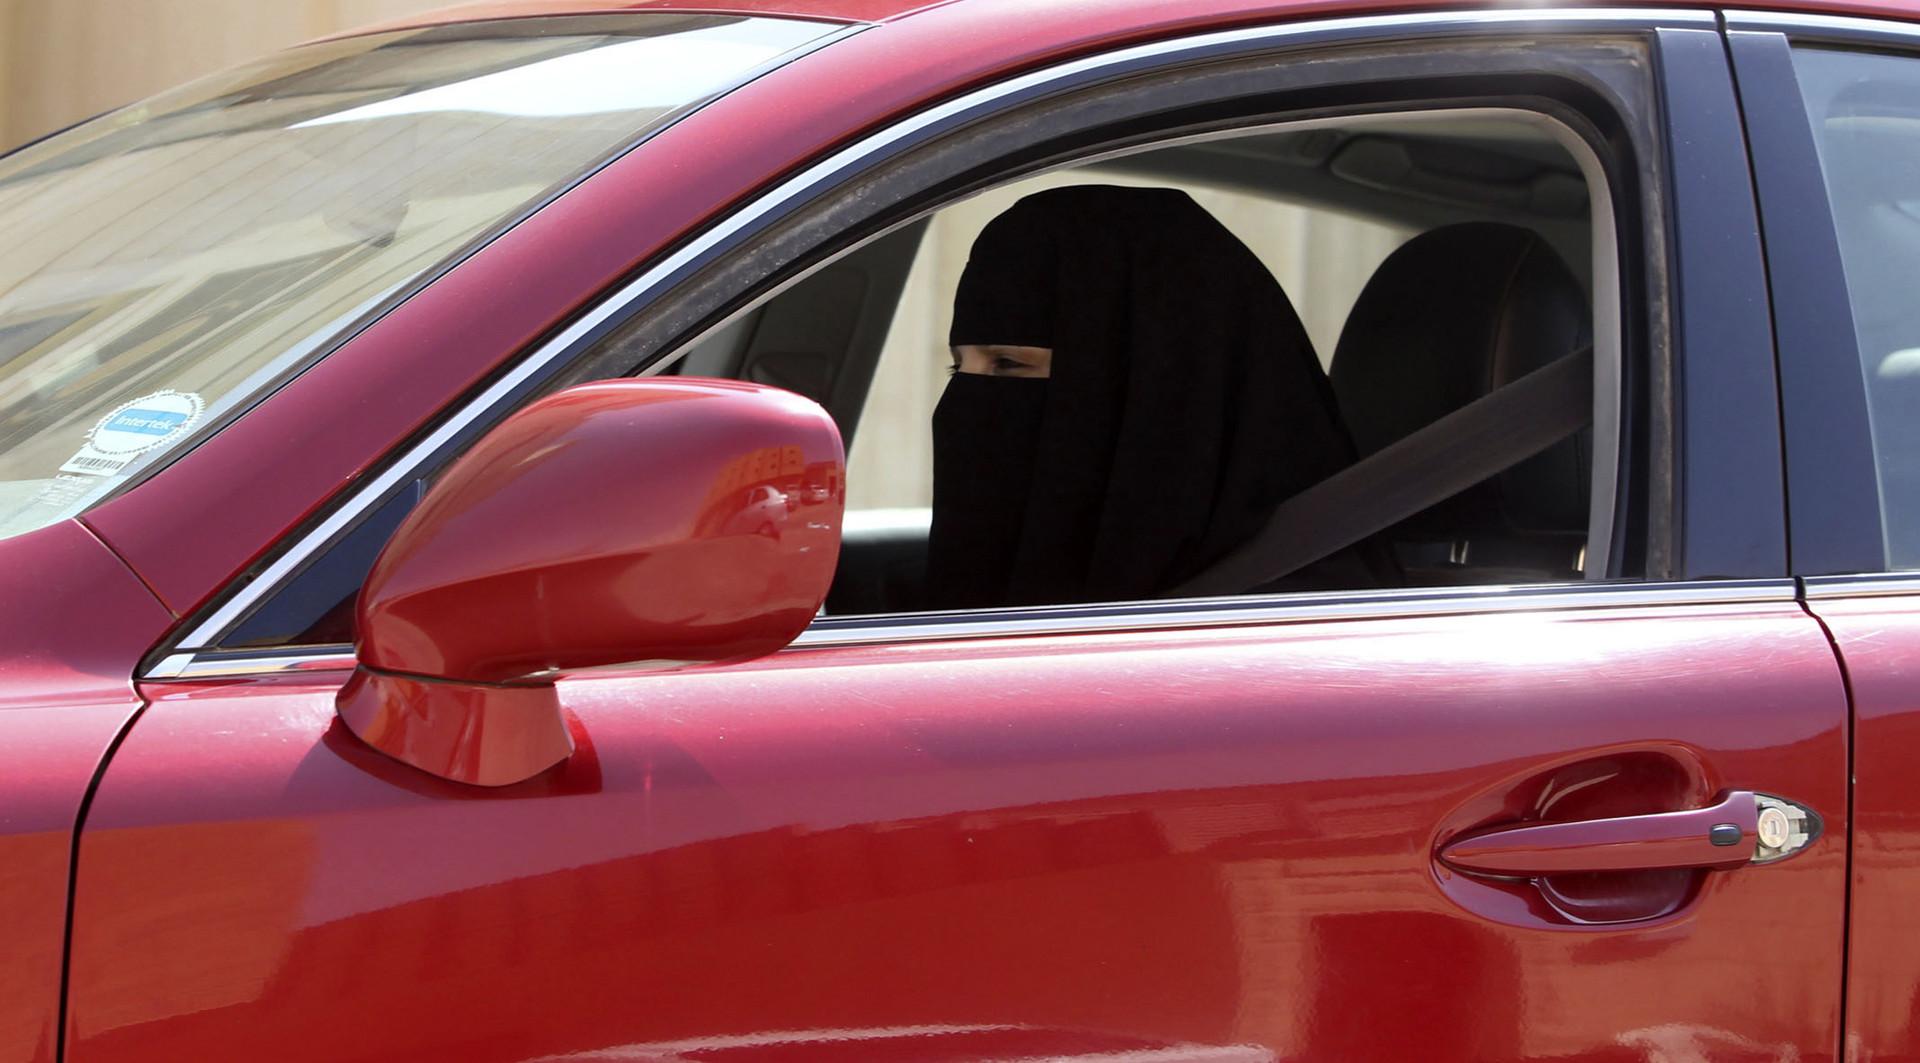 Arabie saoudite : selon le grand mufti, les femmes s'exposeraient au diable si elles conduisaient